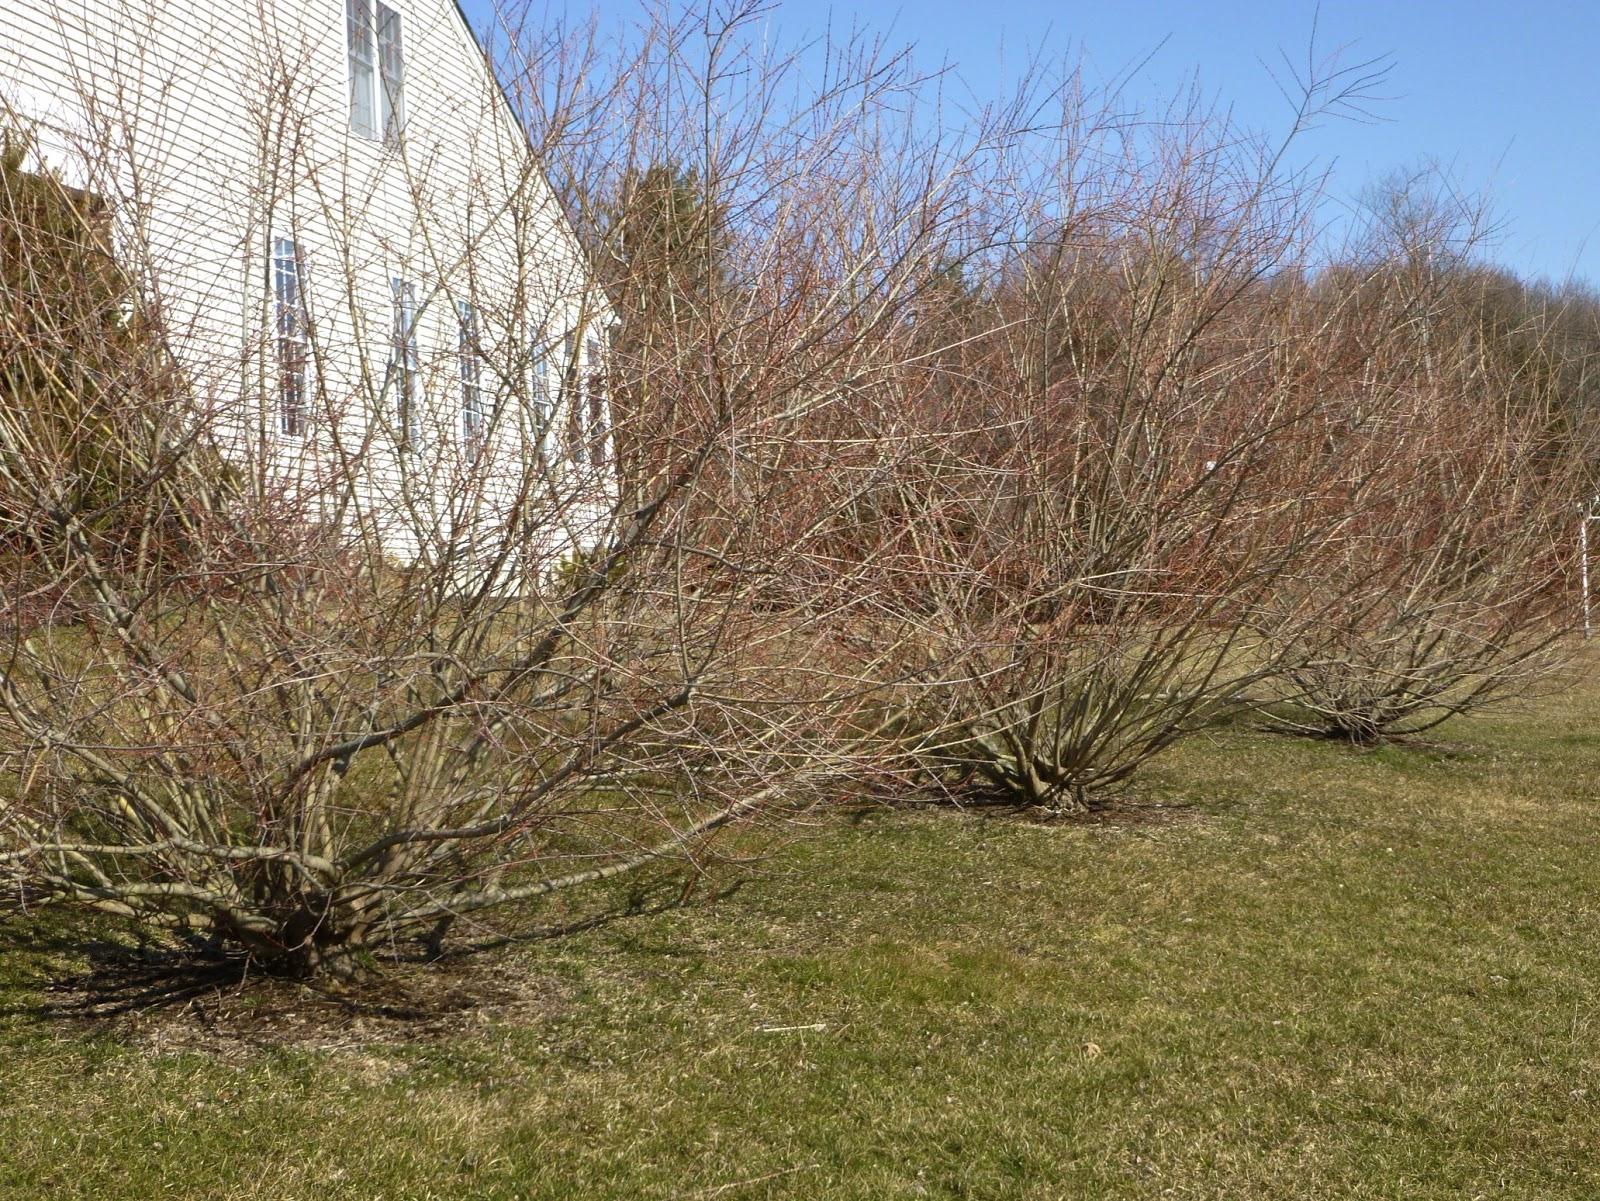 El patio trasero de Ferida: Hedge Willow Dappled